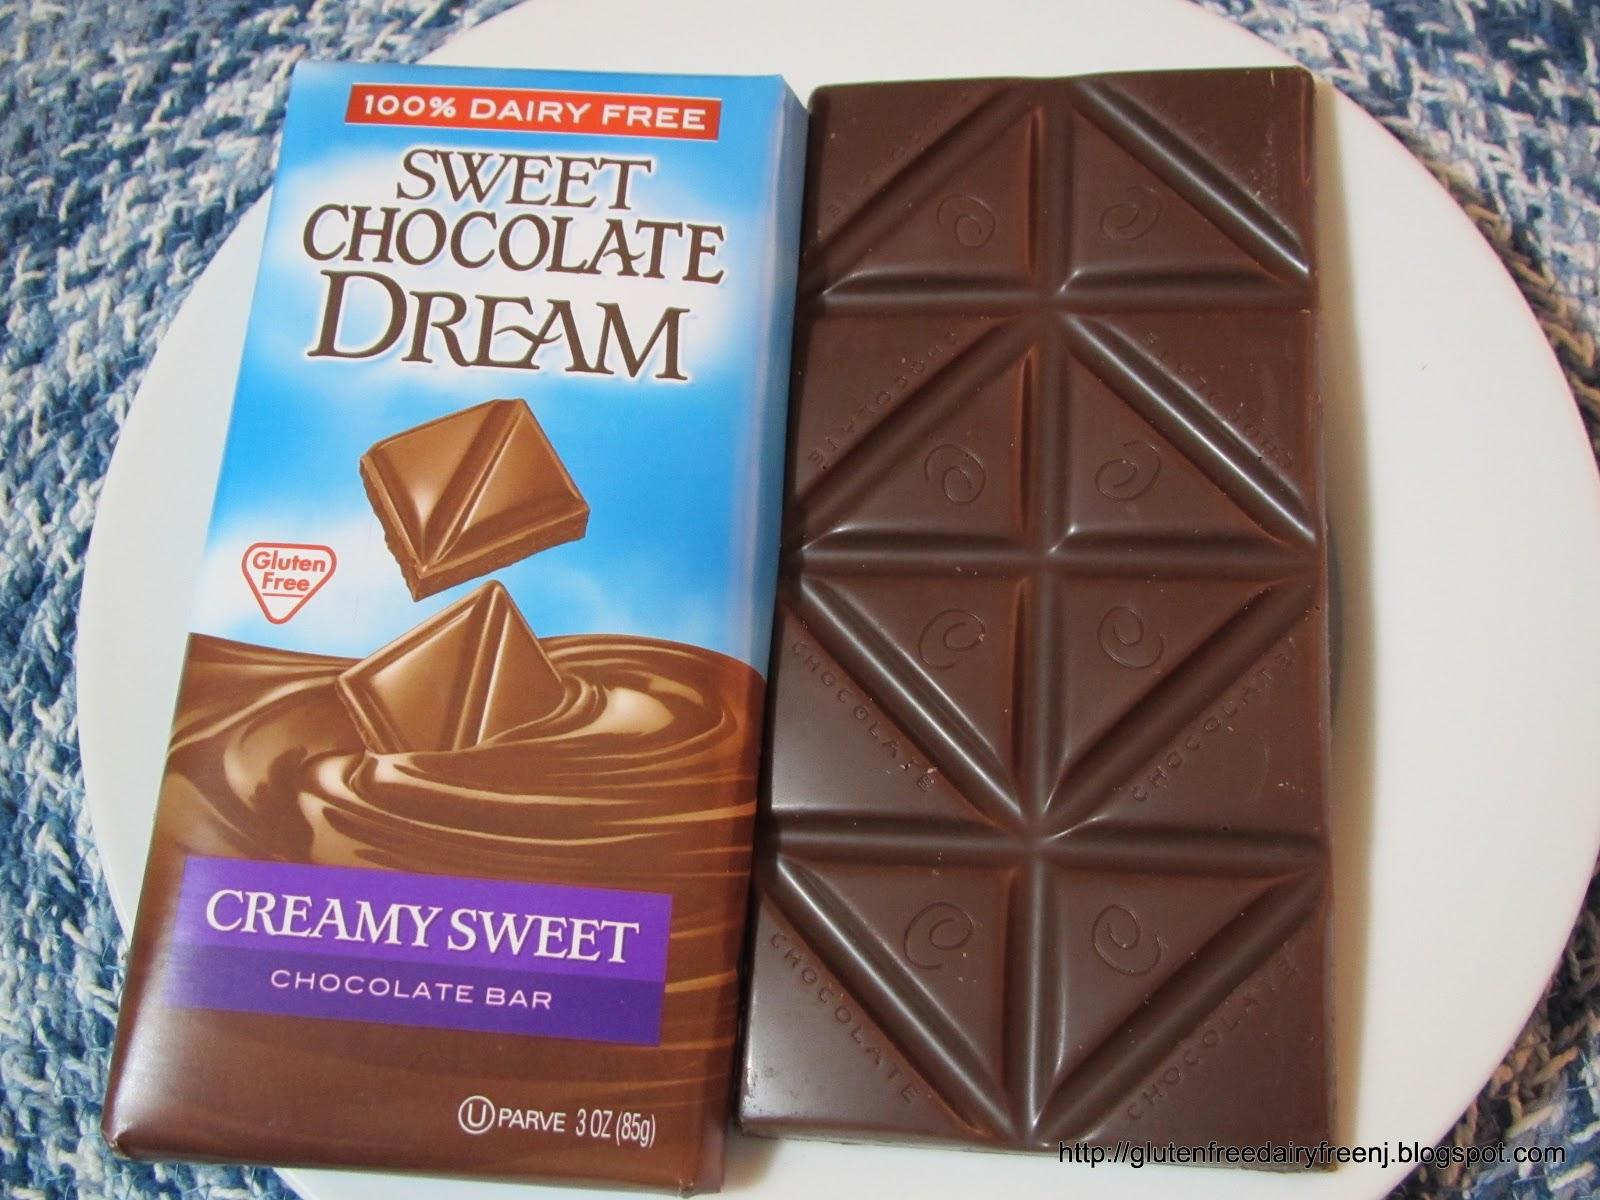 Dairy Free Milk Chocolate Bars Gluten Free Dairy Free Nj